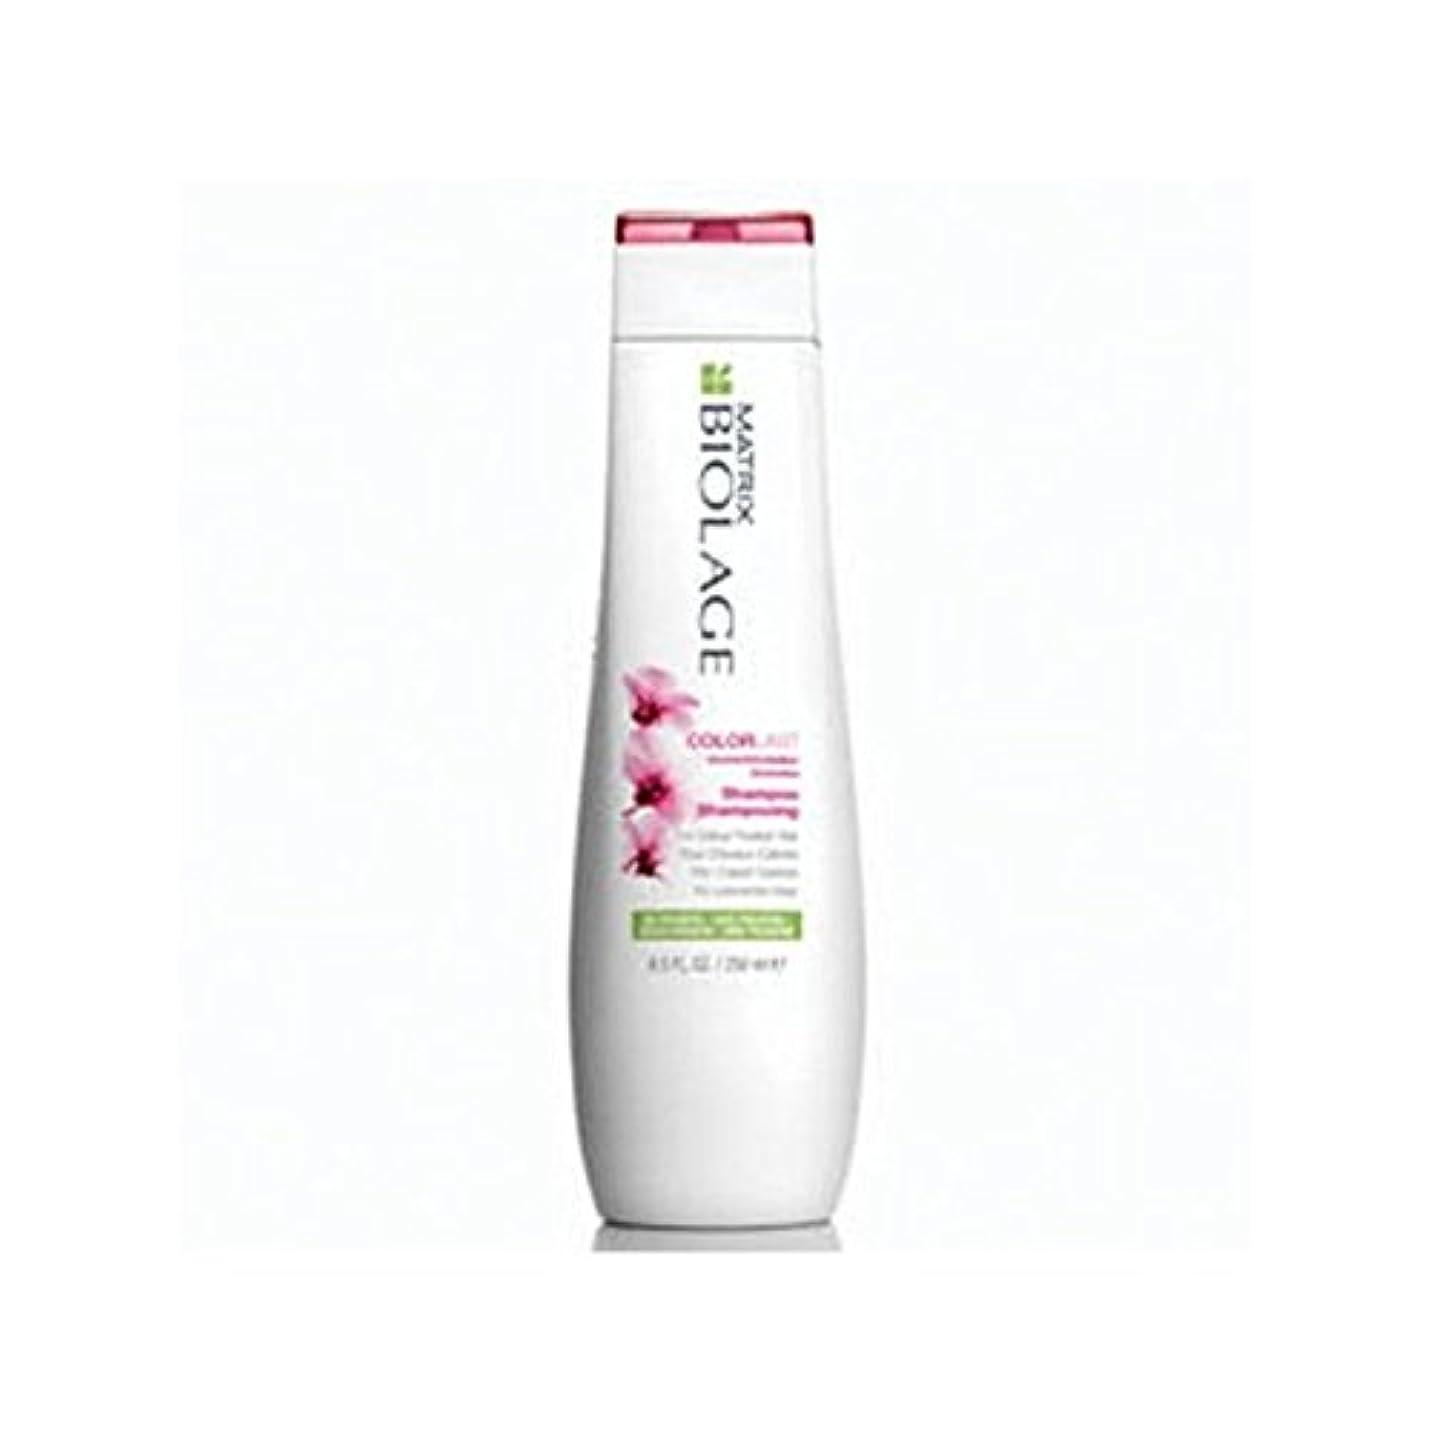 細部ちらつき住居マトリックスバイオレイジのシャンプー(250ミリリットル) x4 - Matrix Biolage Colorlast Shampoo (250ml) (Pack of 4) [並行輸入品]